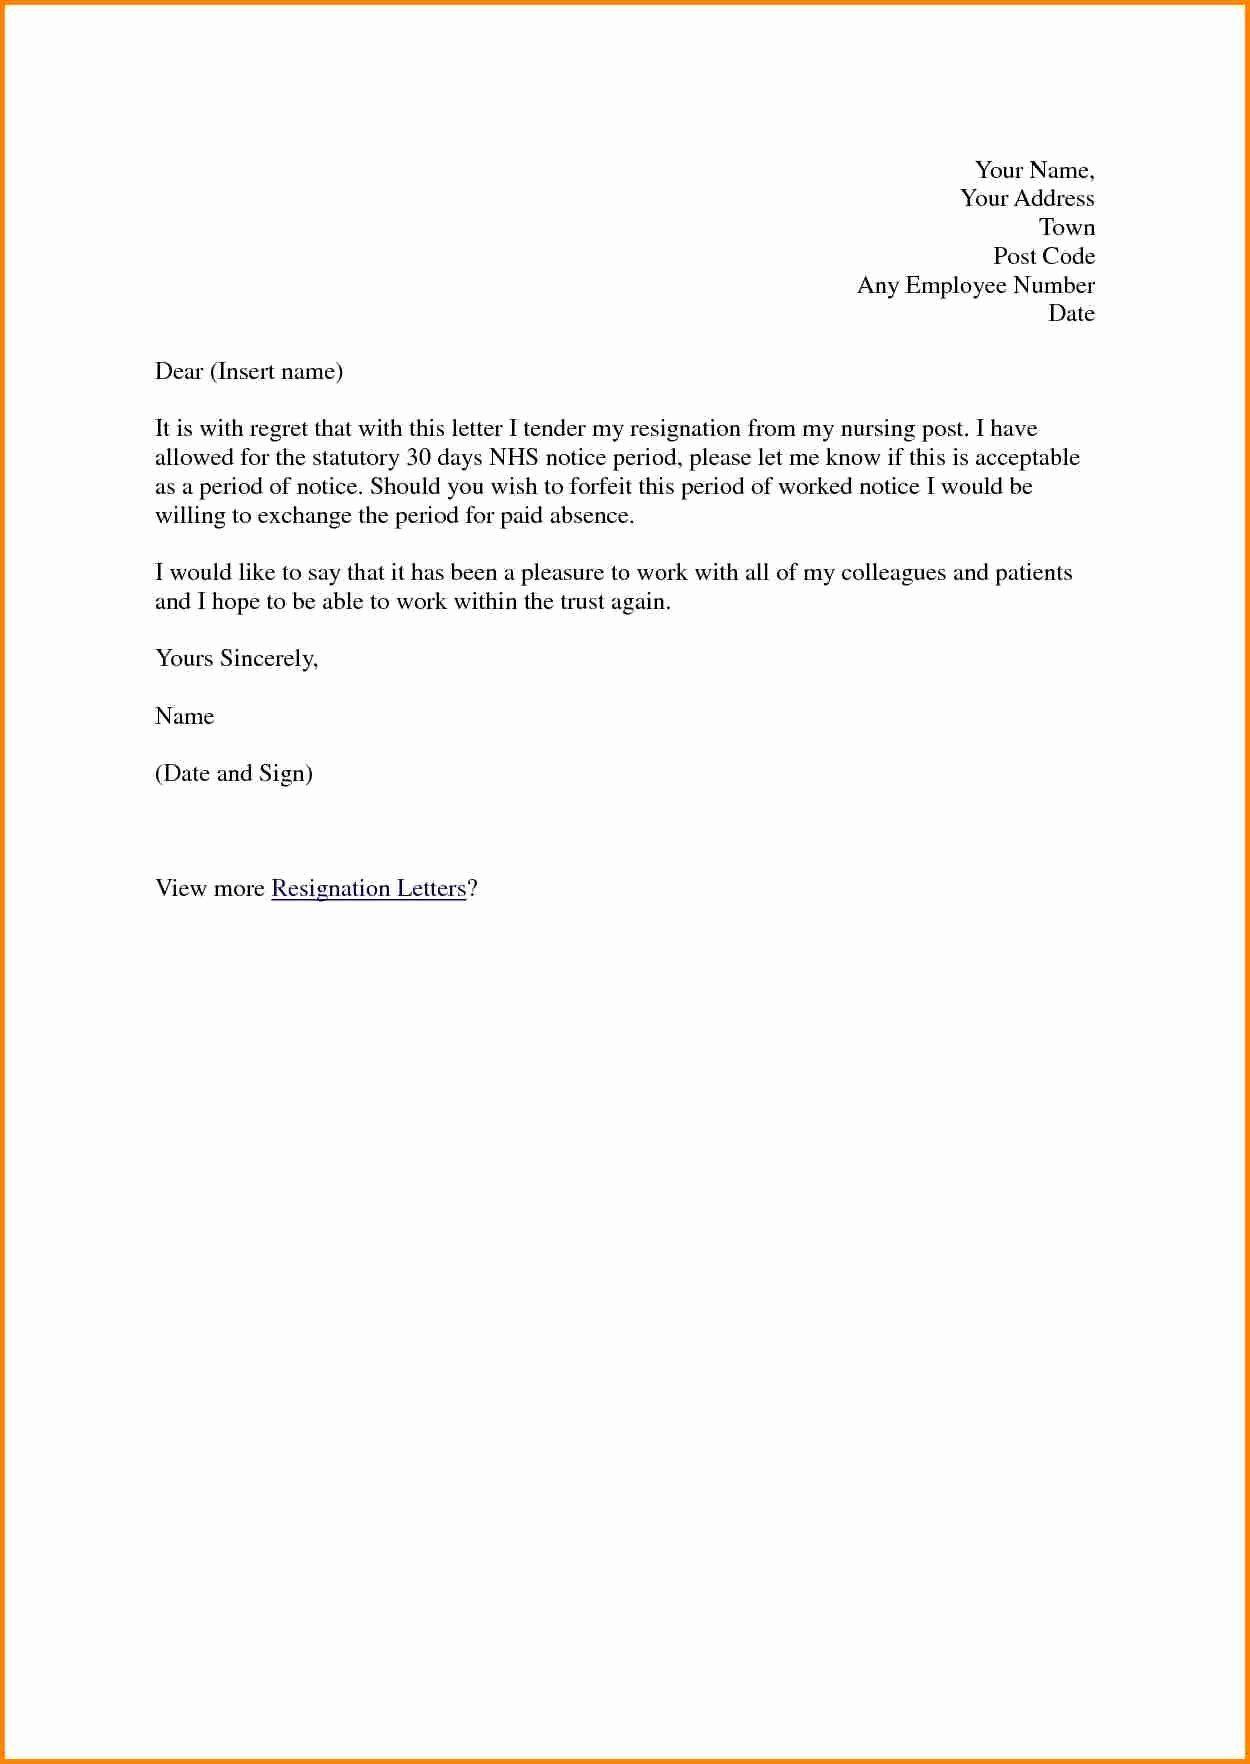 Sample Resignation Letter Nurses Unique 10 Resignation Letter For Nurses Sample Resignation Letters Resignation Letter Letter Templates